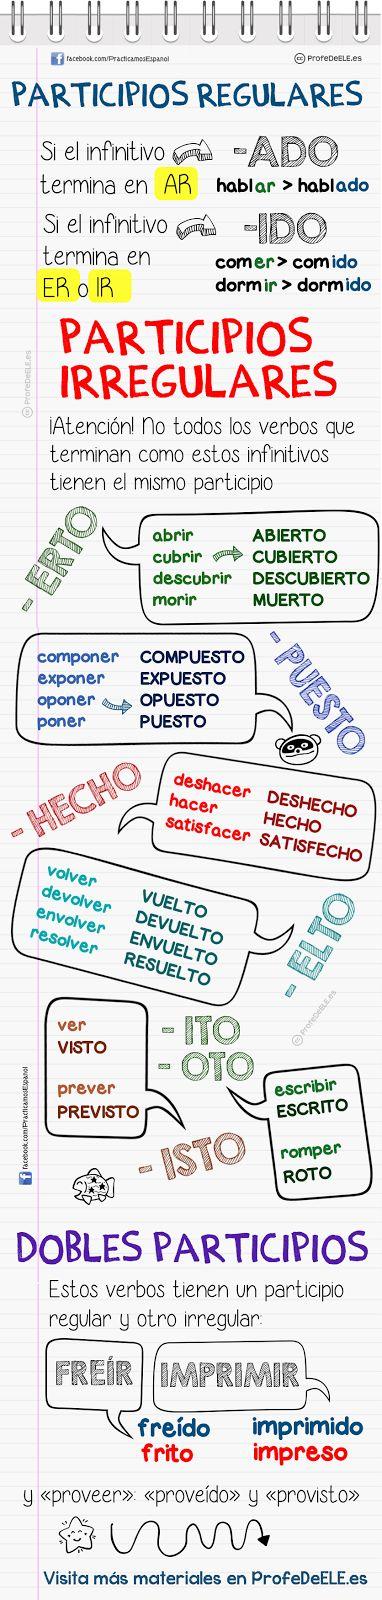 participios en español